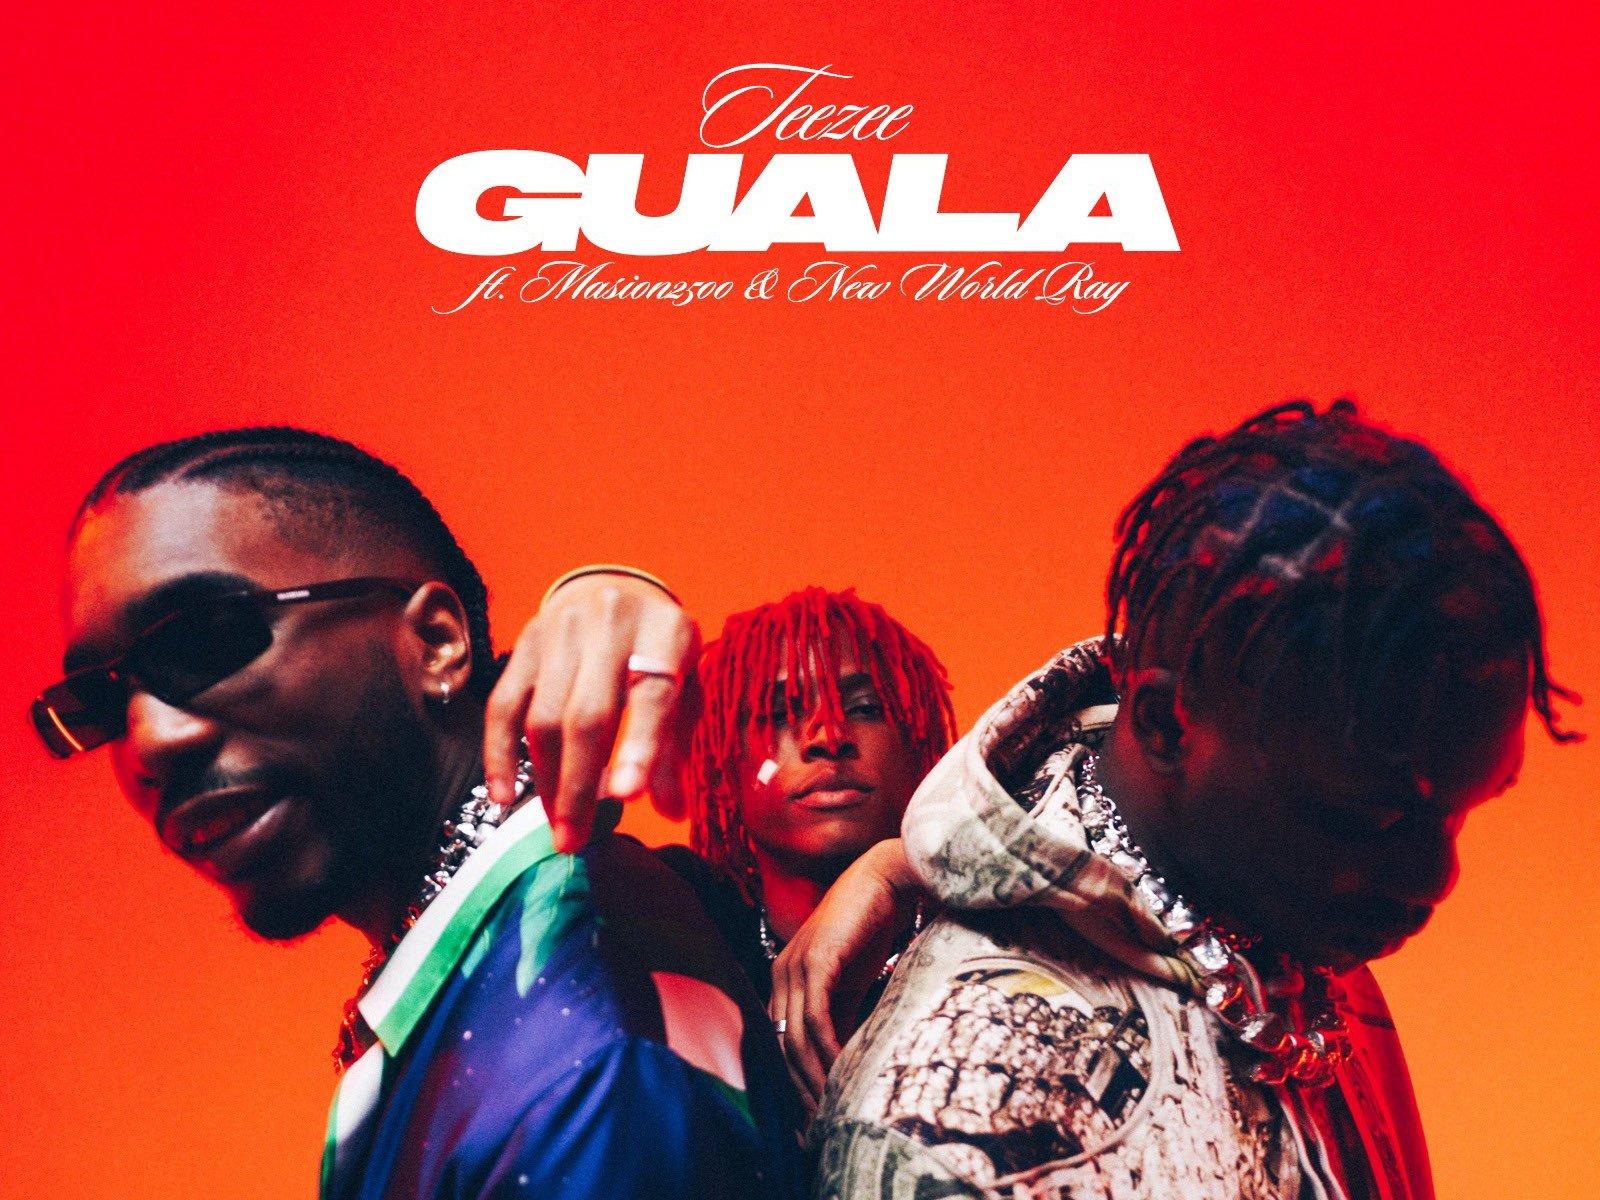 Teezee - Guala featuring Maison2500 & New World Ray